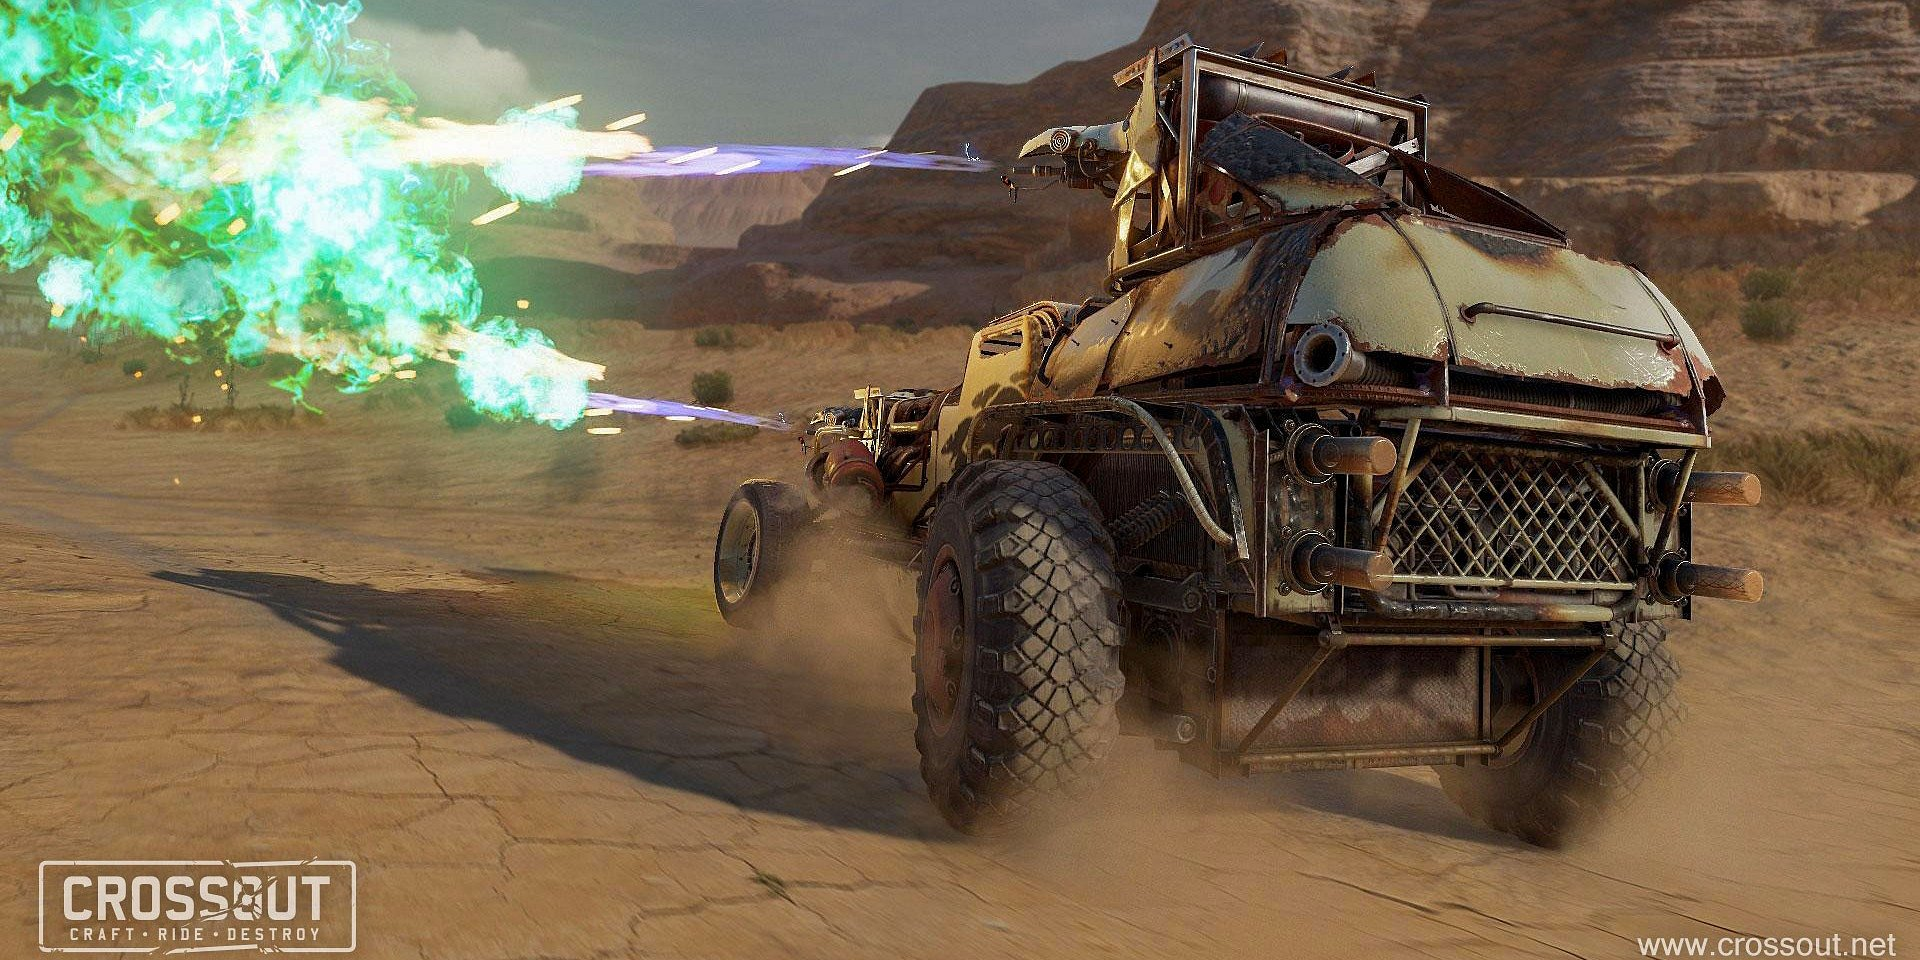 Aktualizácia hry Crossout 0.10.80 prináša nové PVP mapy chemických závodov, stavebné súťaže a štvrté jazdecké obrnené vozidlo